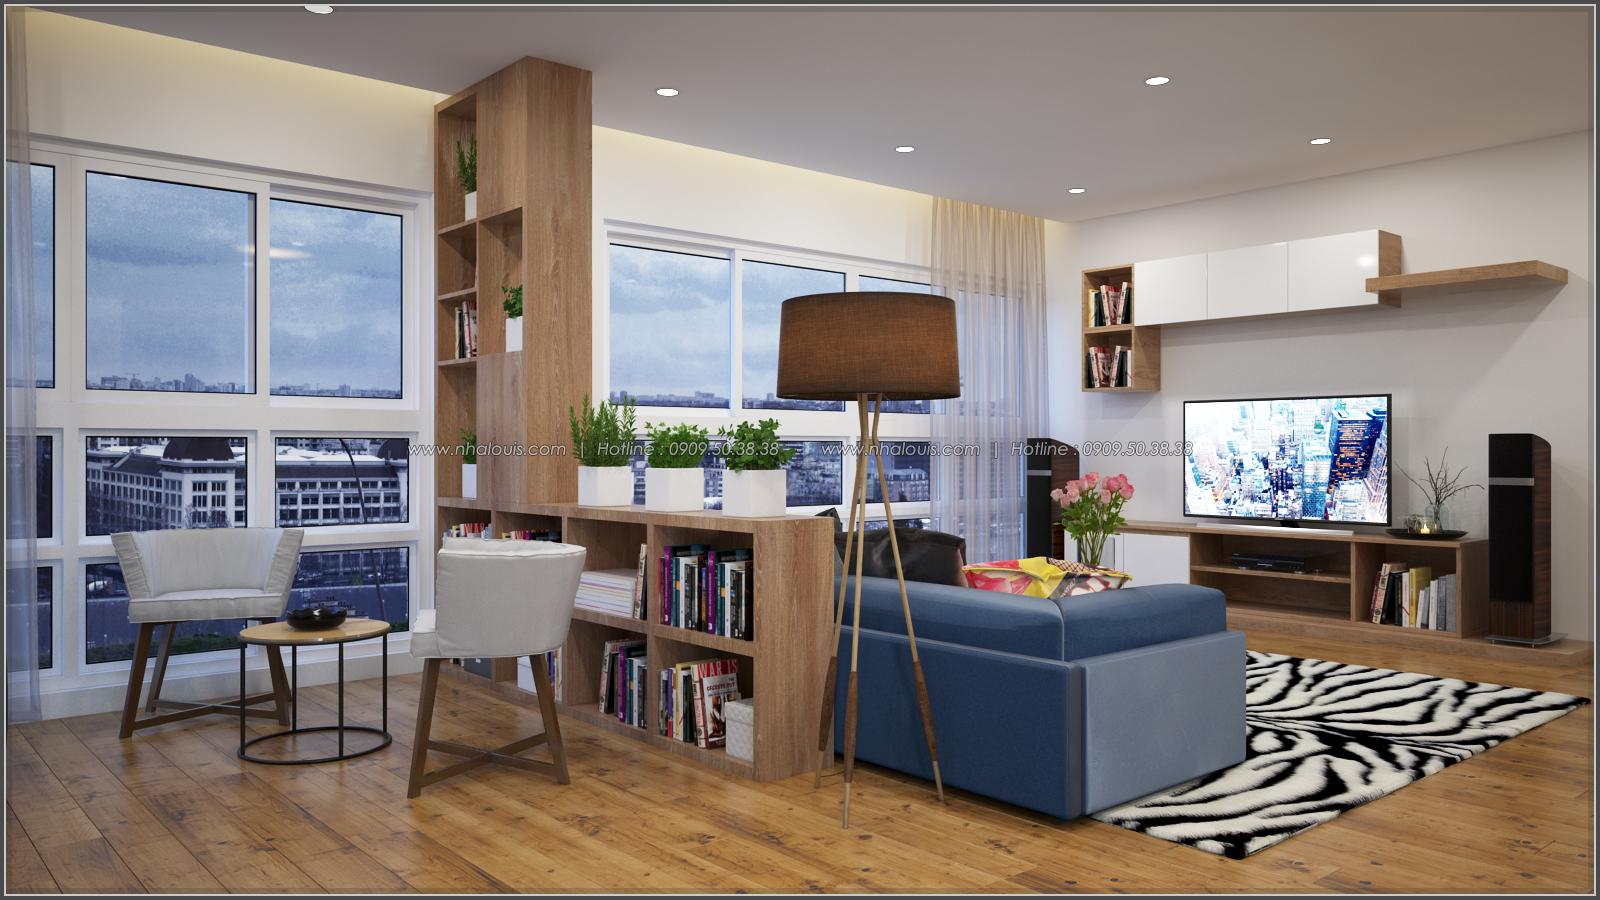 Thiết kế căn hộ chung cư 3 phòng ngủ Happy Valley quận 7 - 3